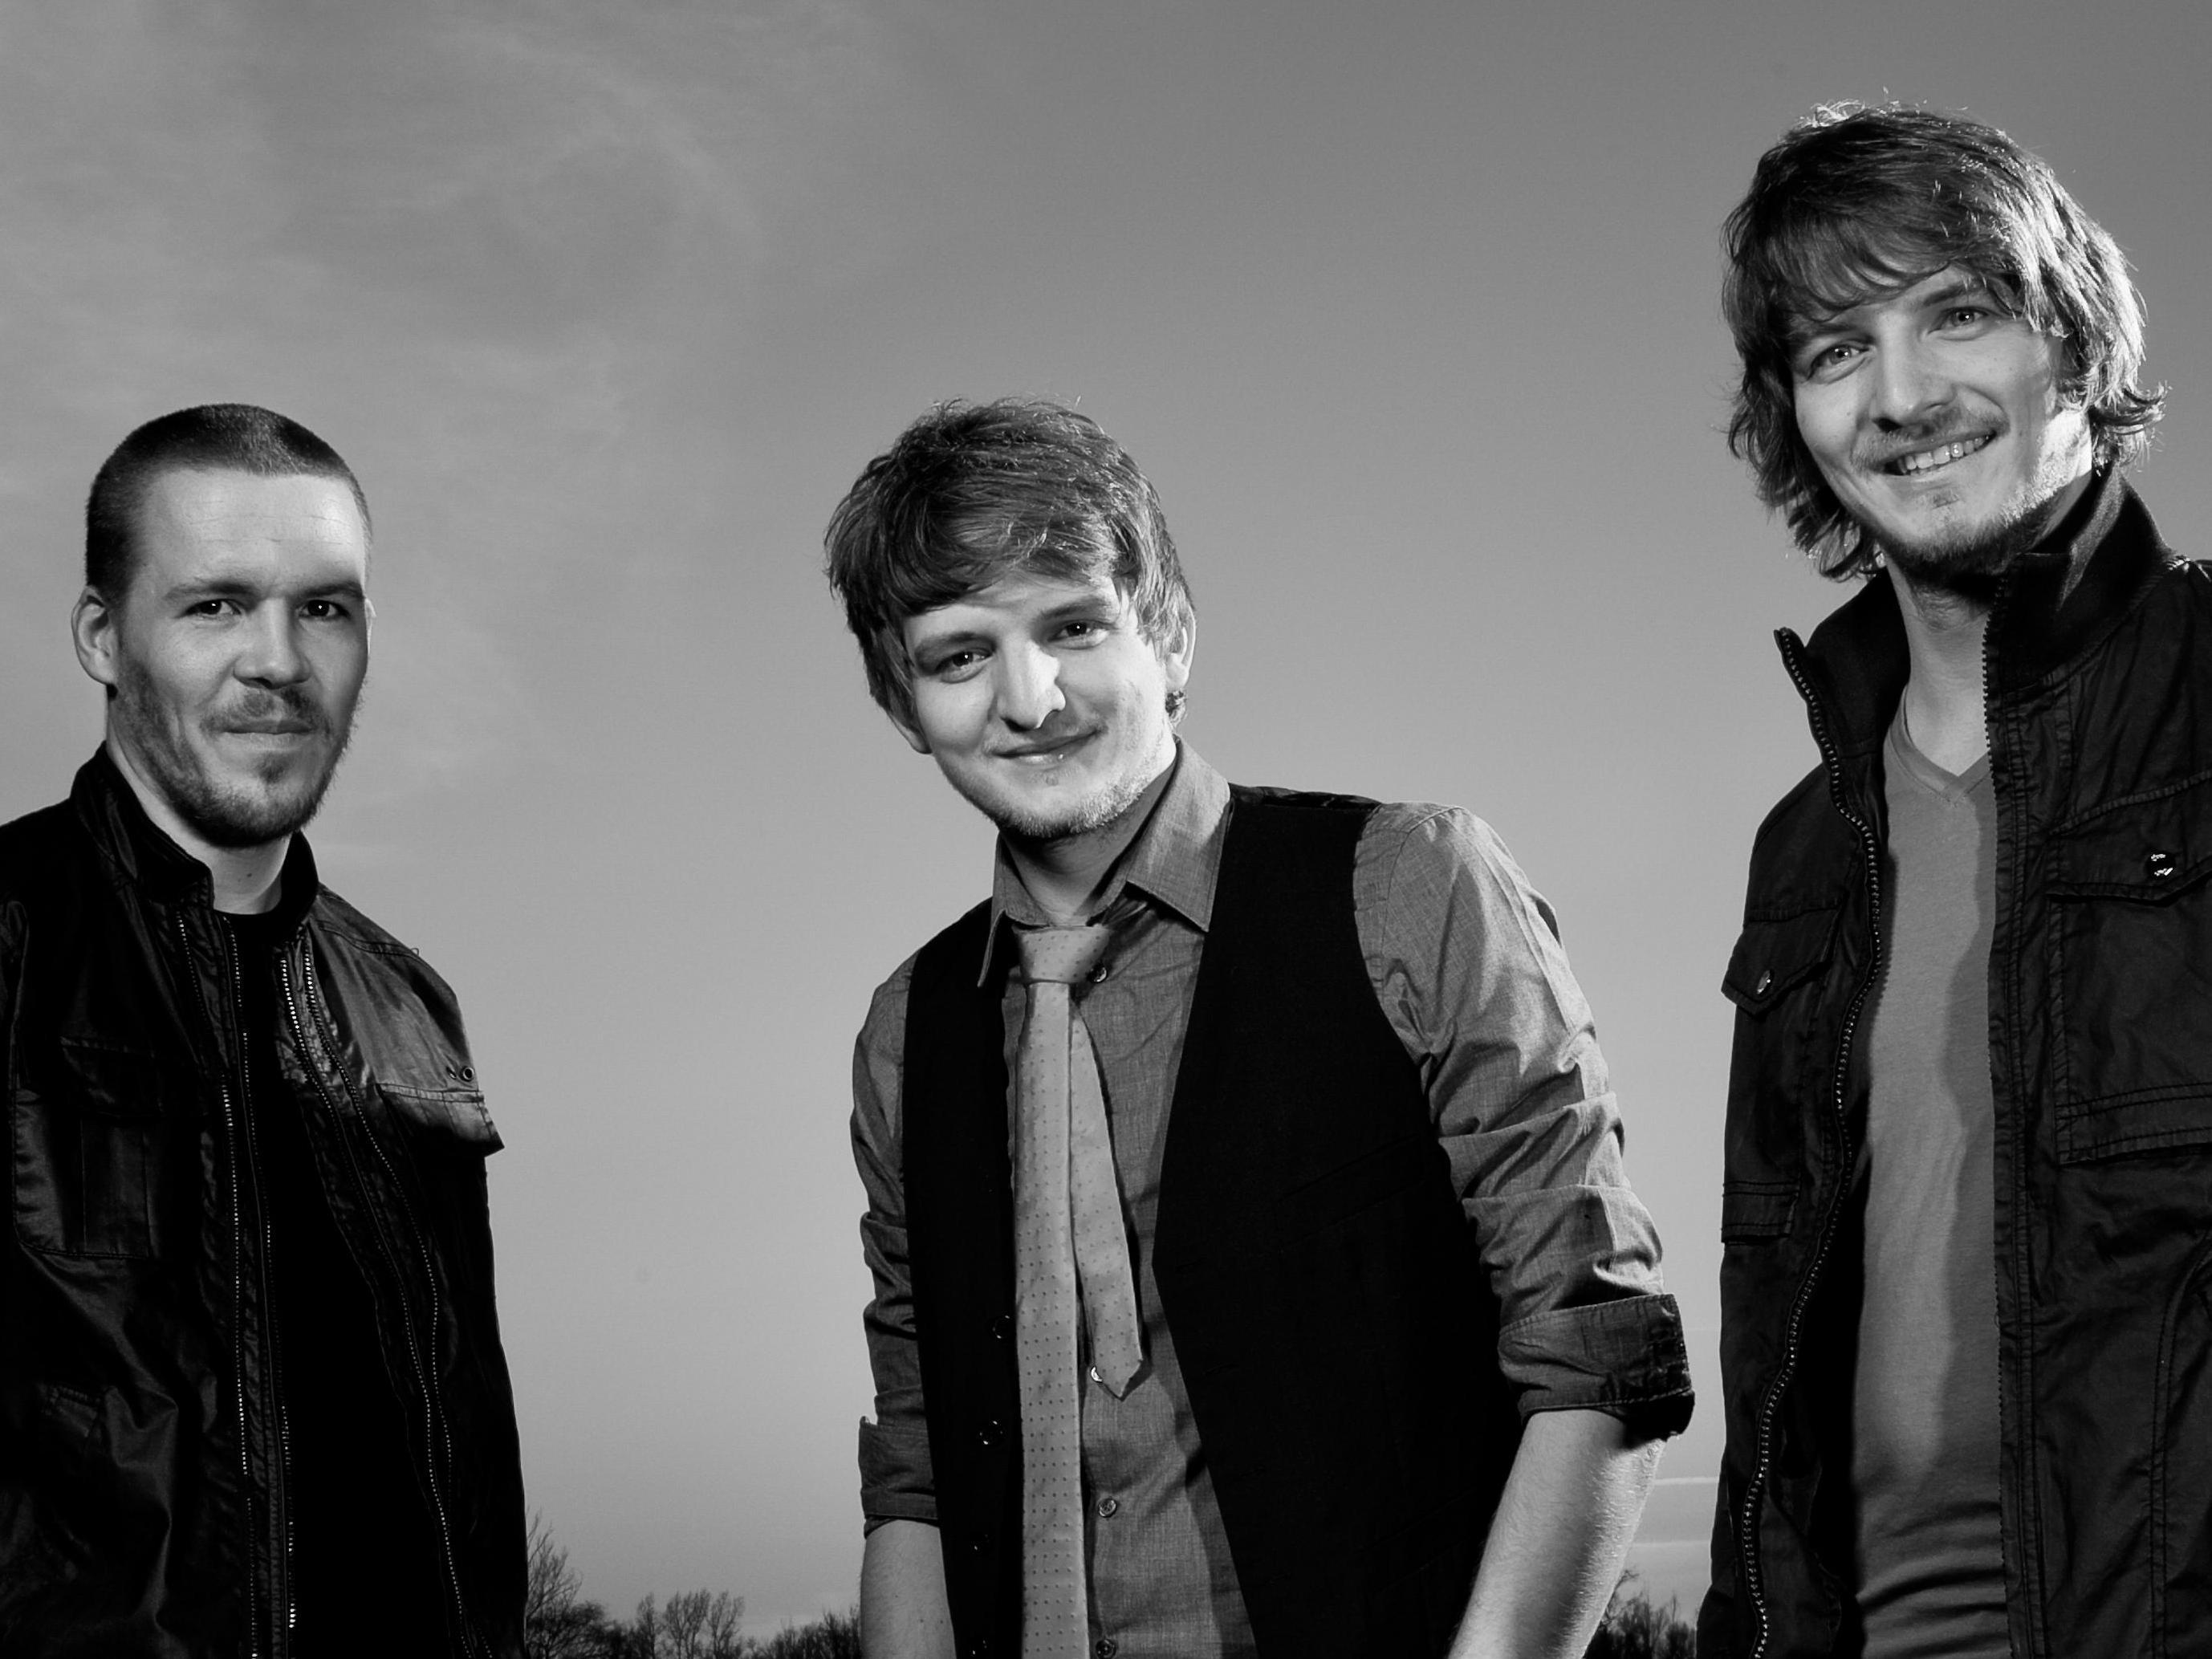 Ein Trio singt sich ins Guinnessbuch der Rekorde